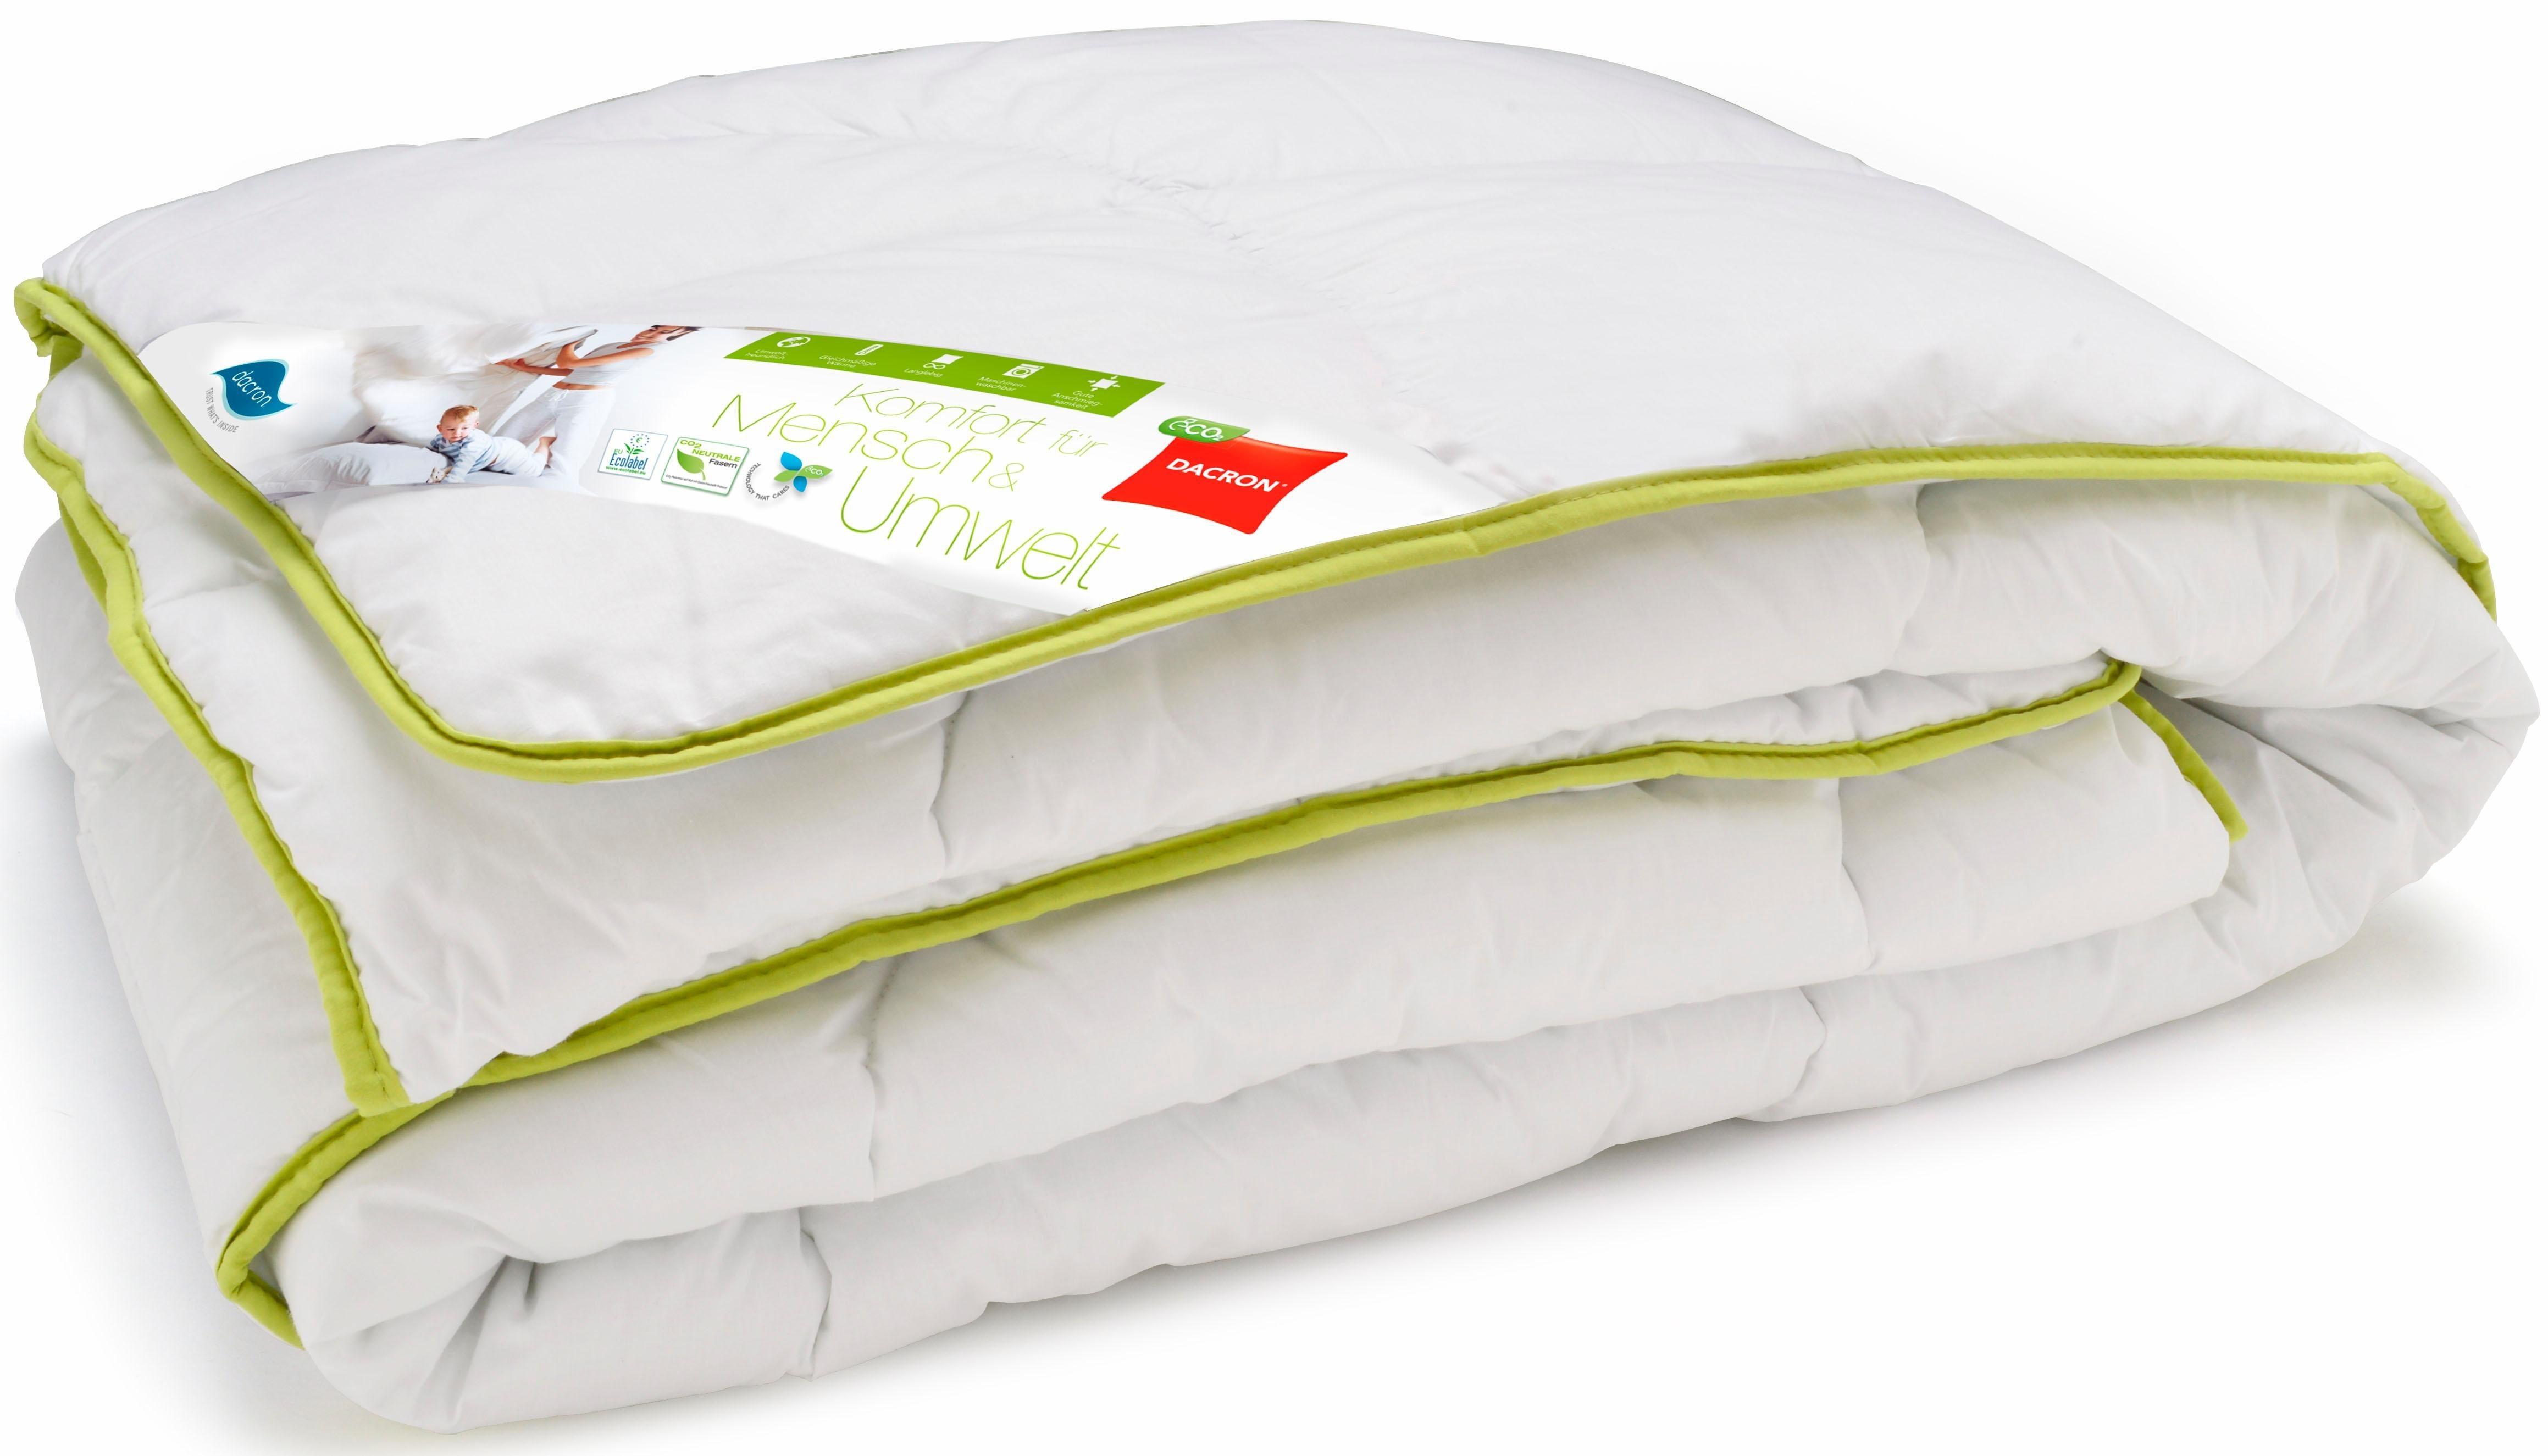 Microfaserbettdecke, »Dacron ECO«, Wendre, normal, Bezug: 100% Baumwolle, (1-tlg) | Heimtextilien > Decken und Kissen > Bettdecken | Wendre